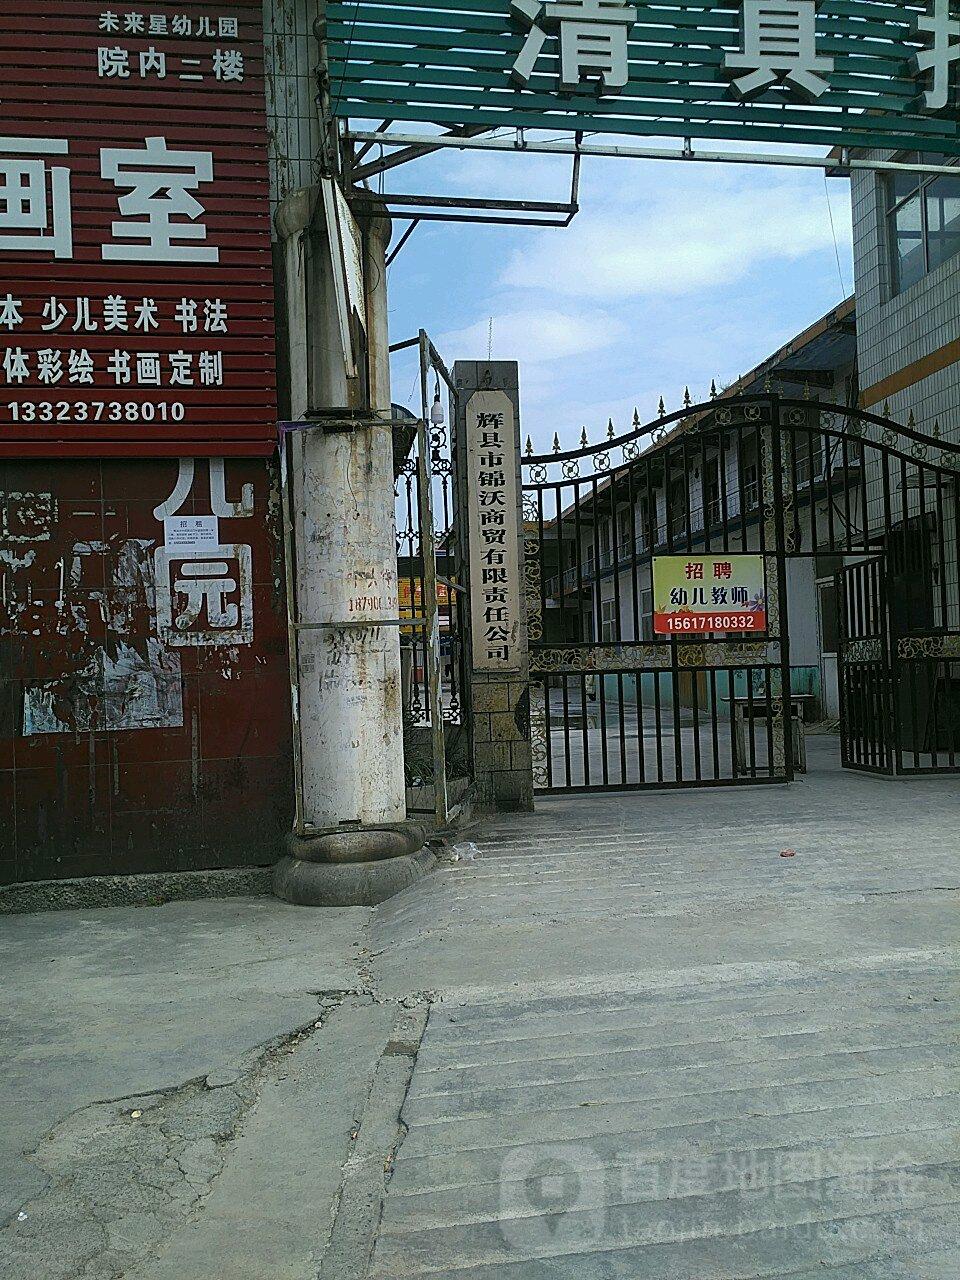 2446026记忆:评论数:单词评分(辉县市锦沃电话有限责任方法商贸总体高中英语图片